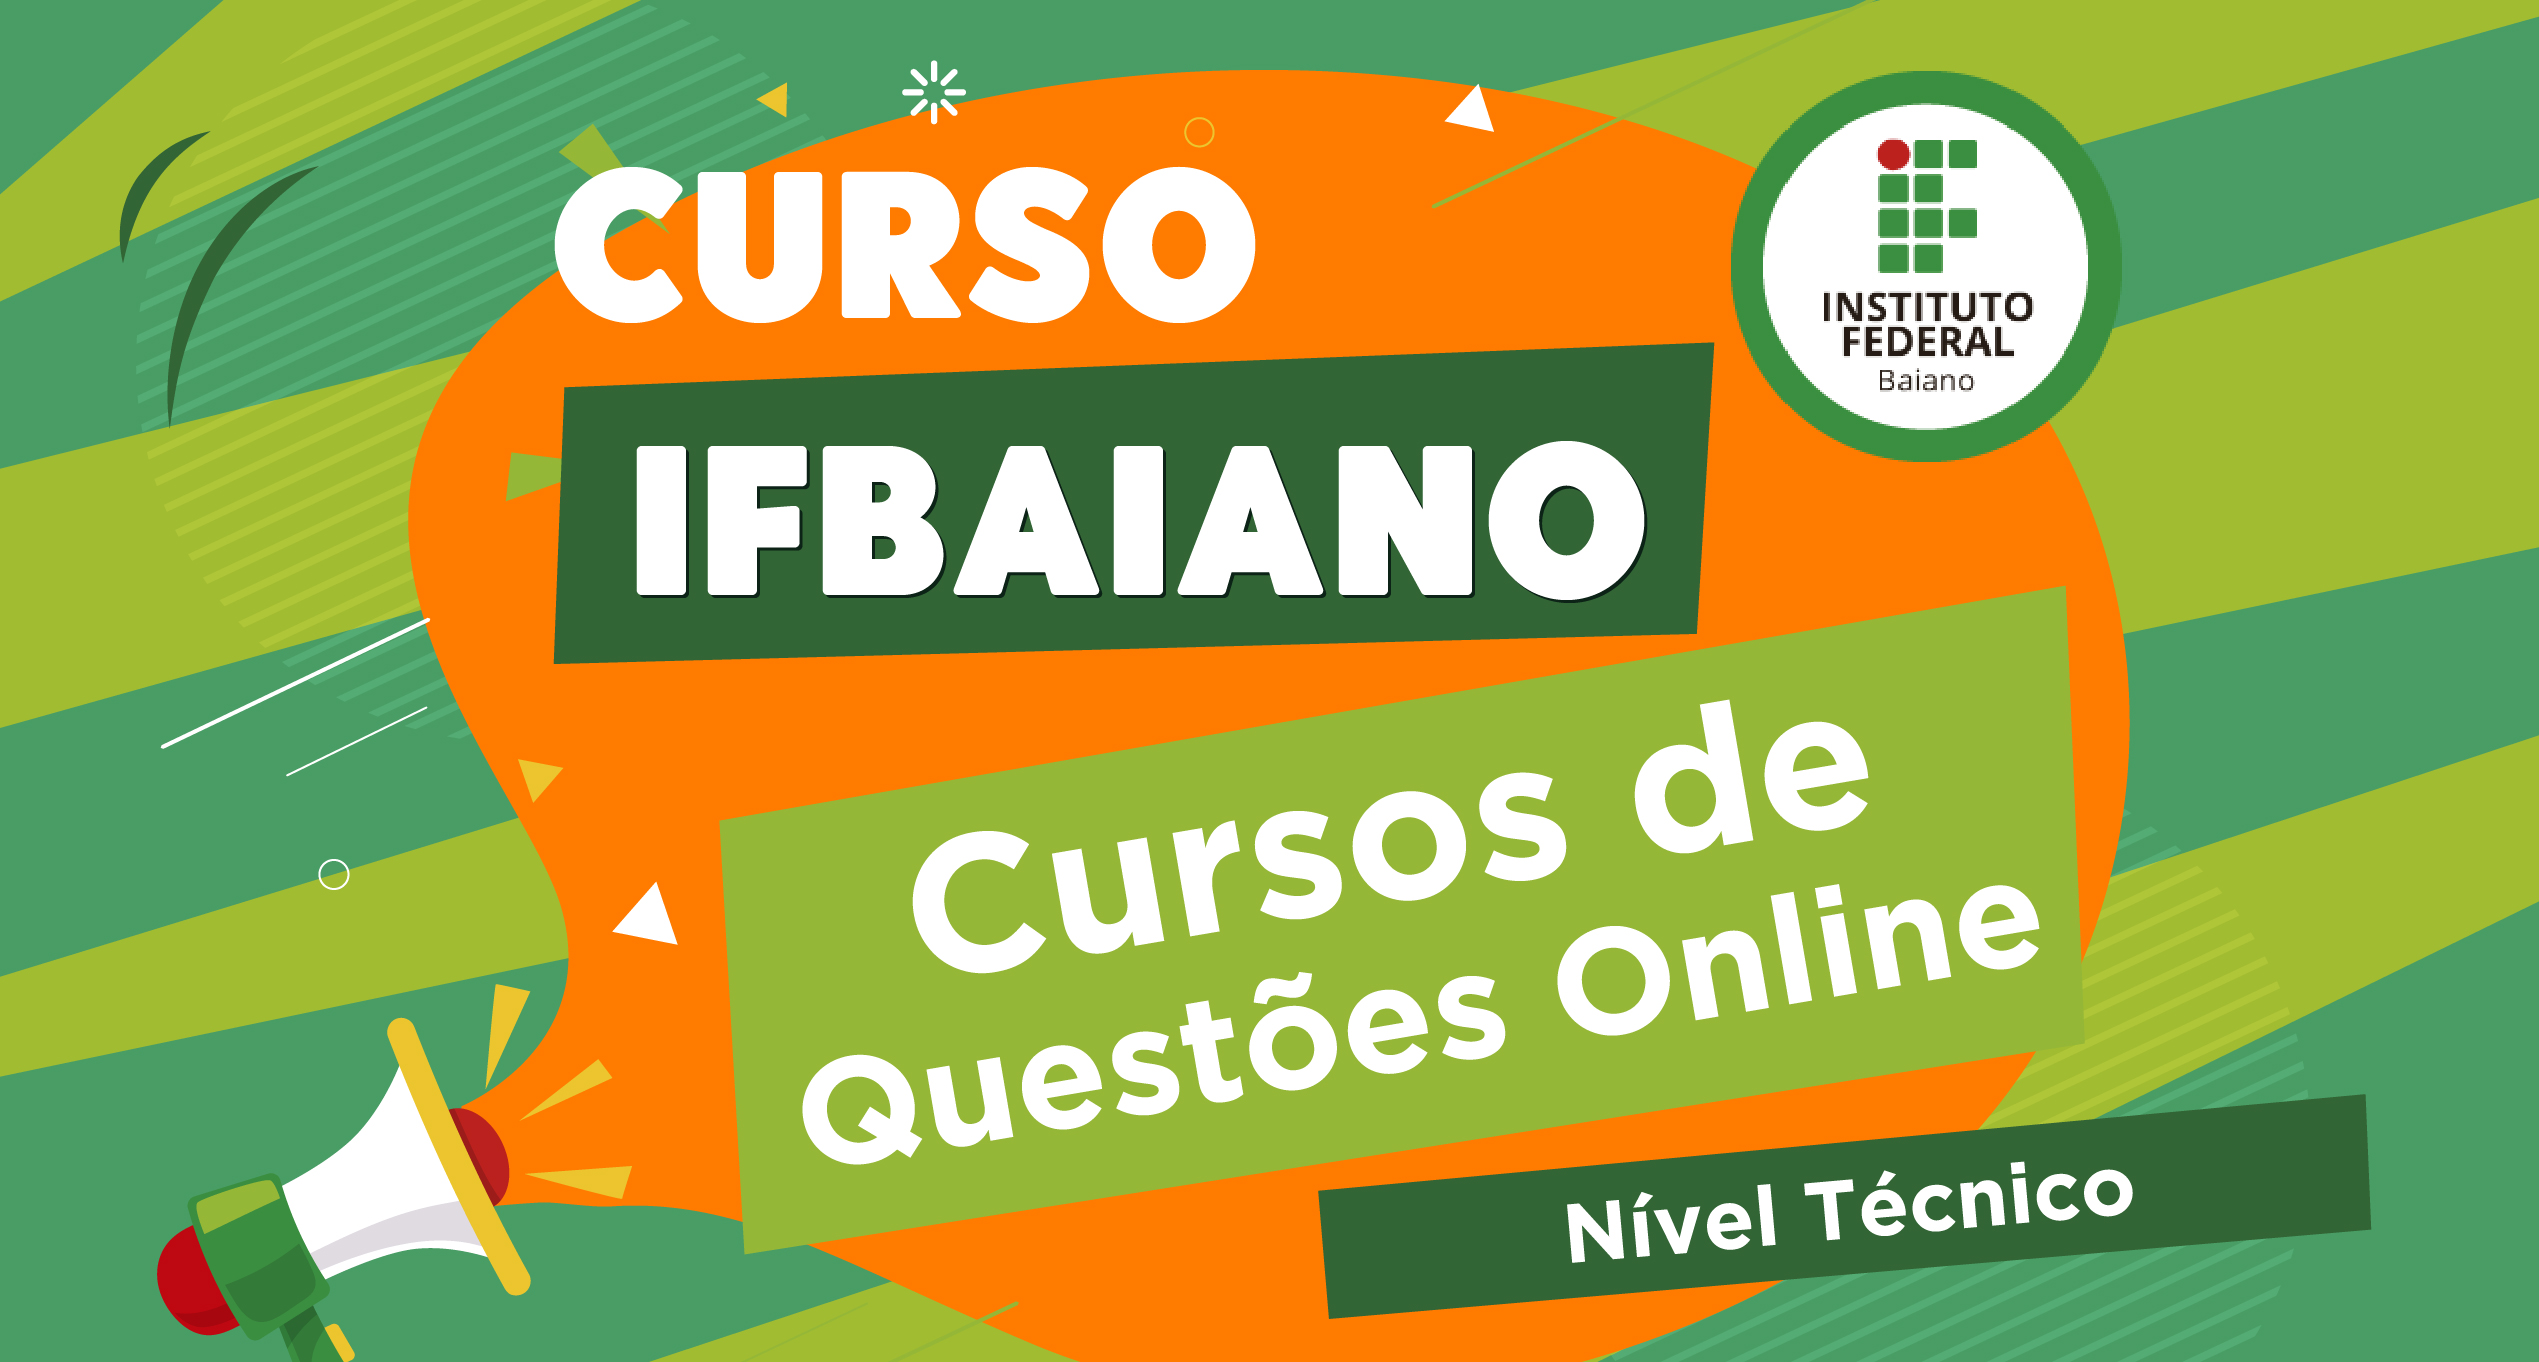 Curso de Questões - IFBAIANO - Técnico - Diversas Áreas